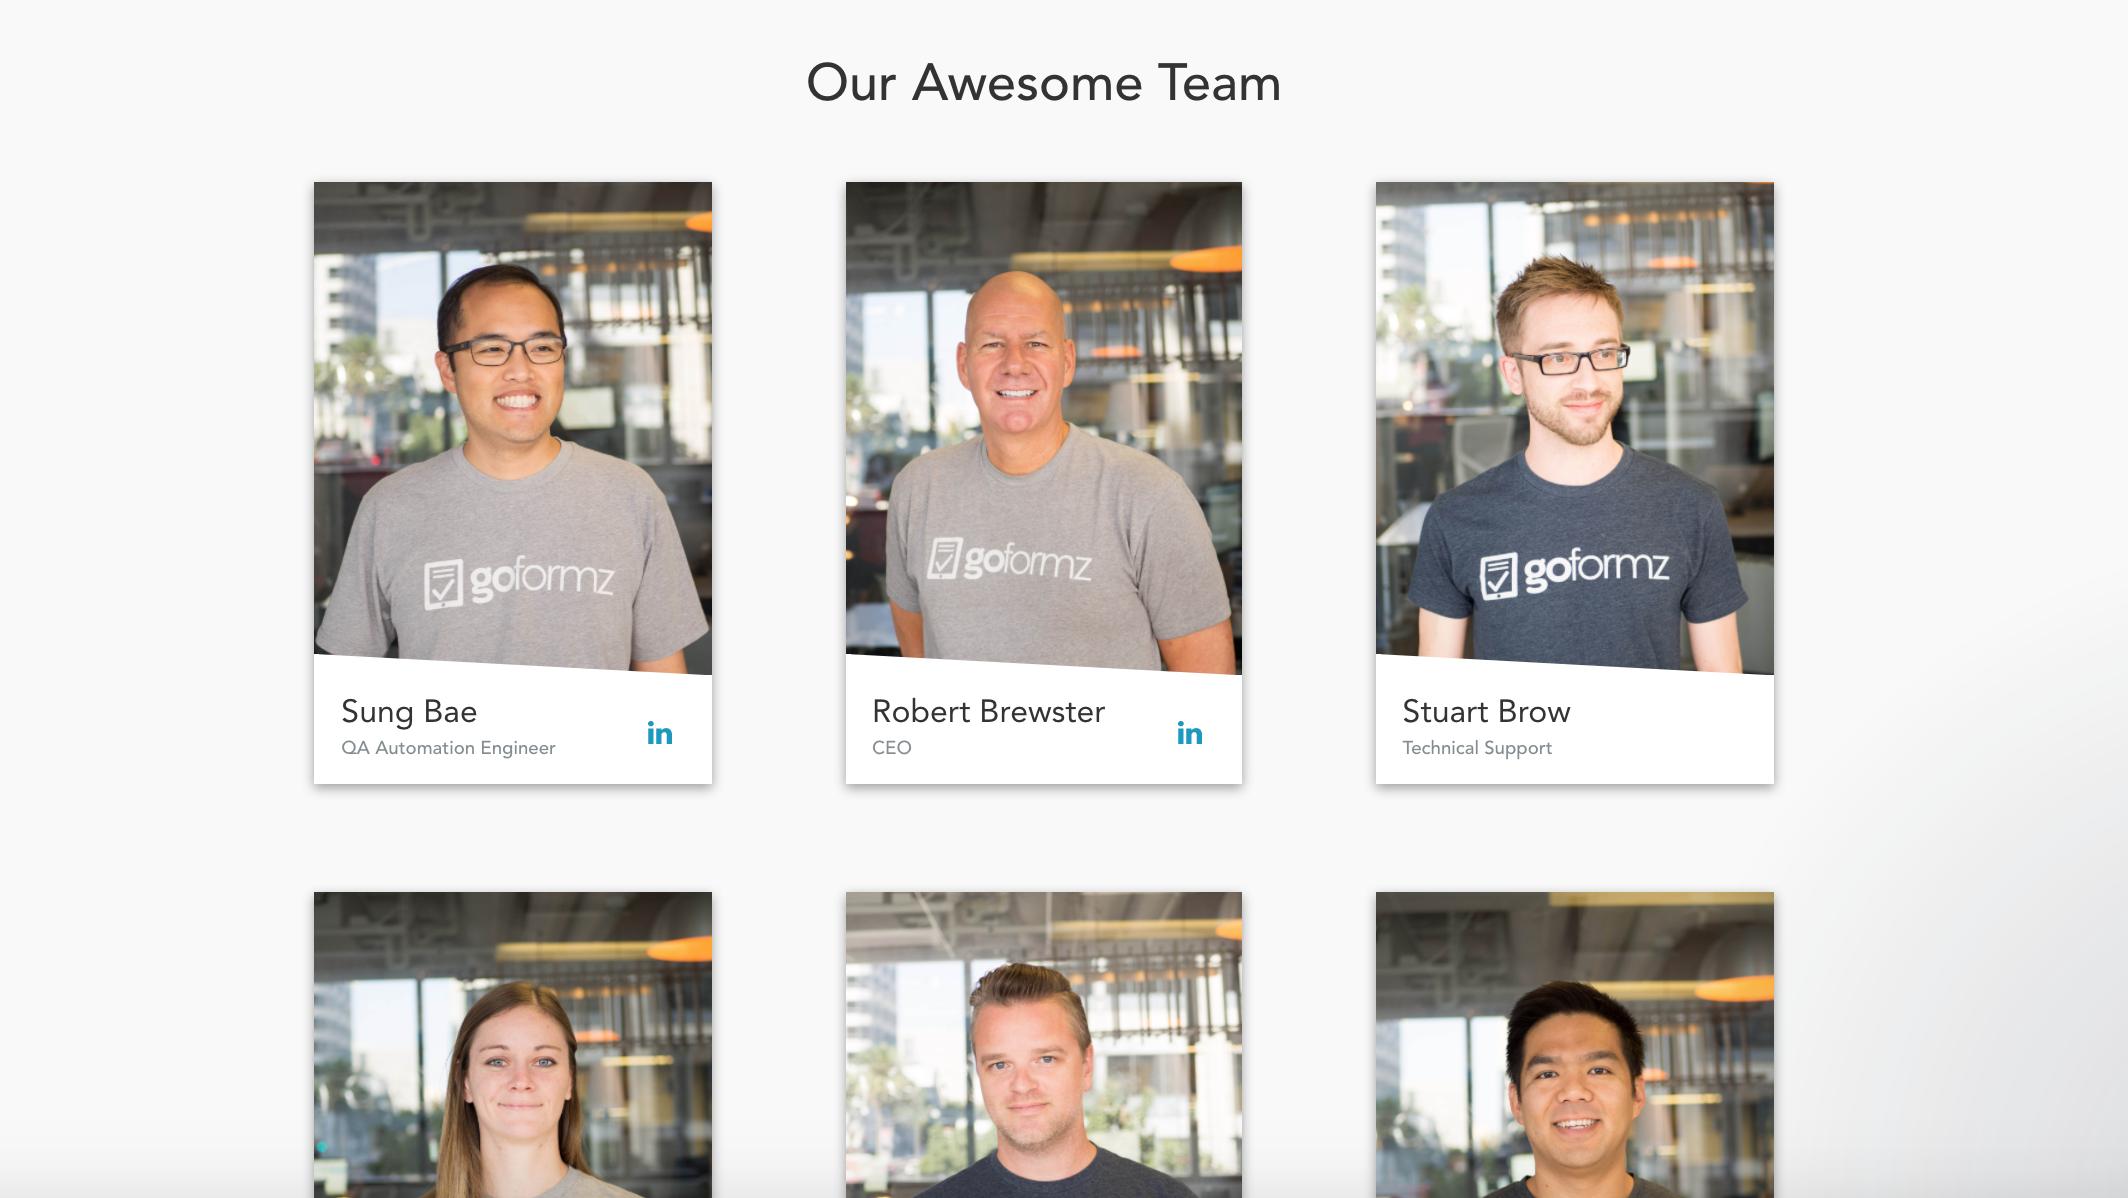 4 Features Team GoFormz Loves